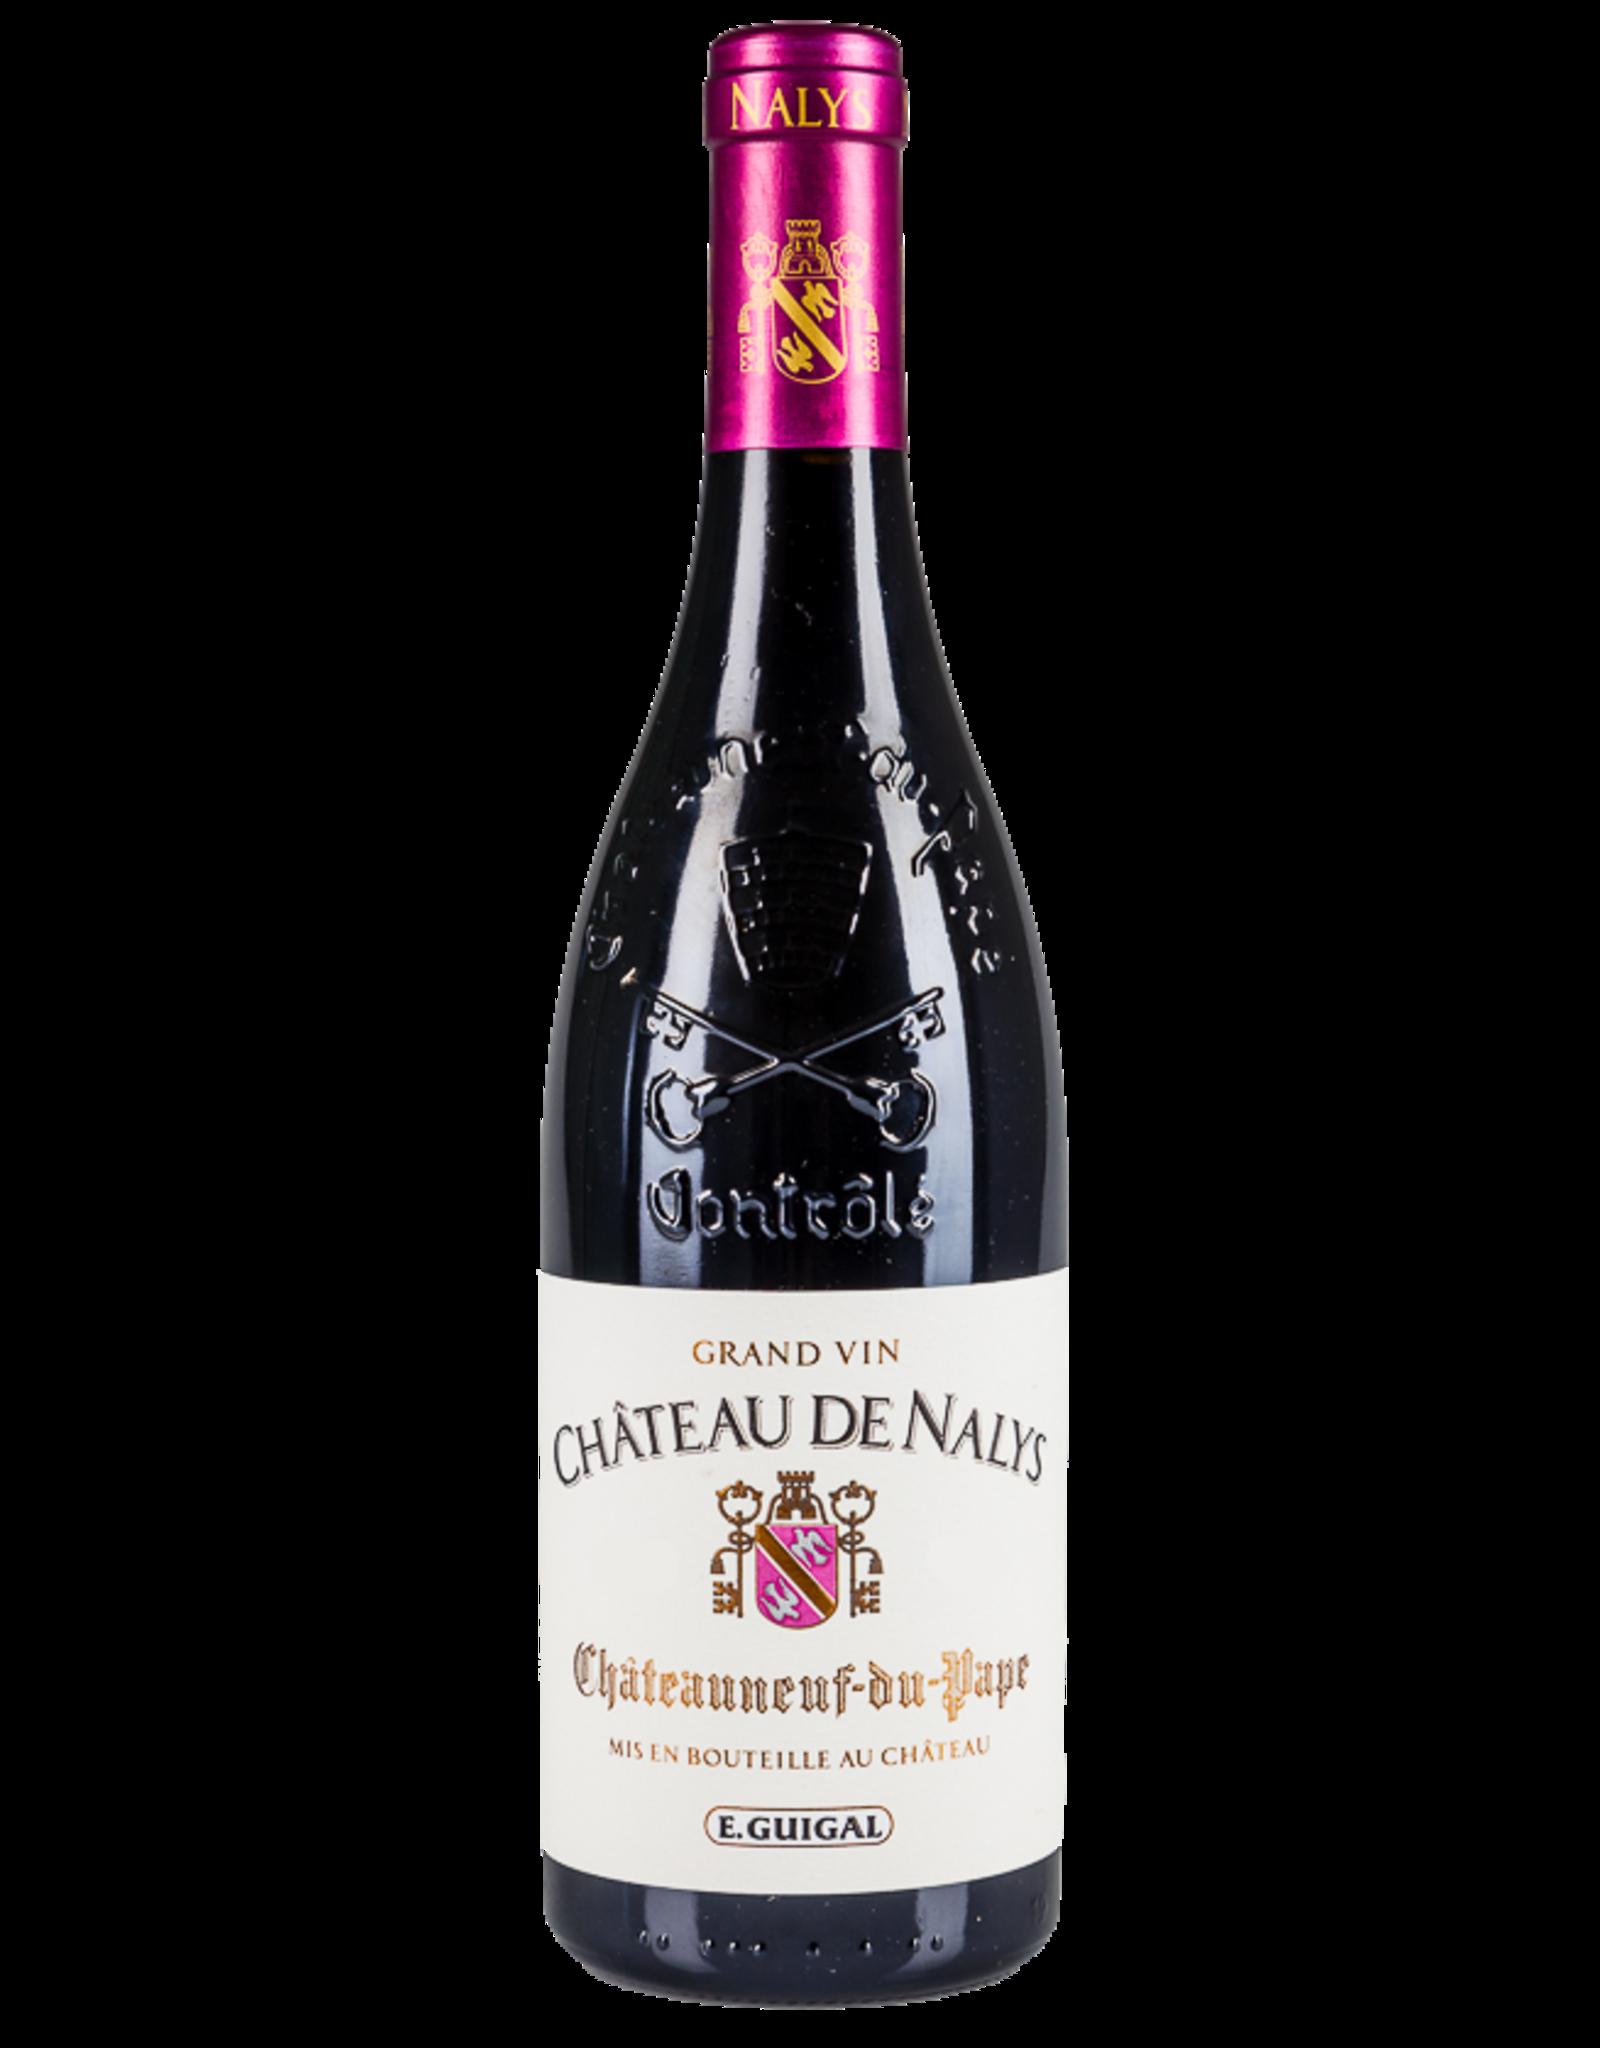 Chateau de Nalys Chateauneuf-du-Pape Grand Vin Rhone 2016